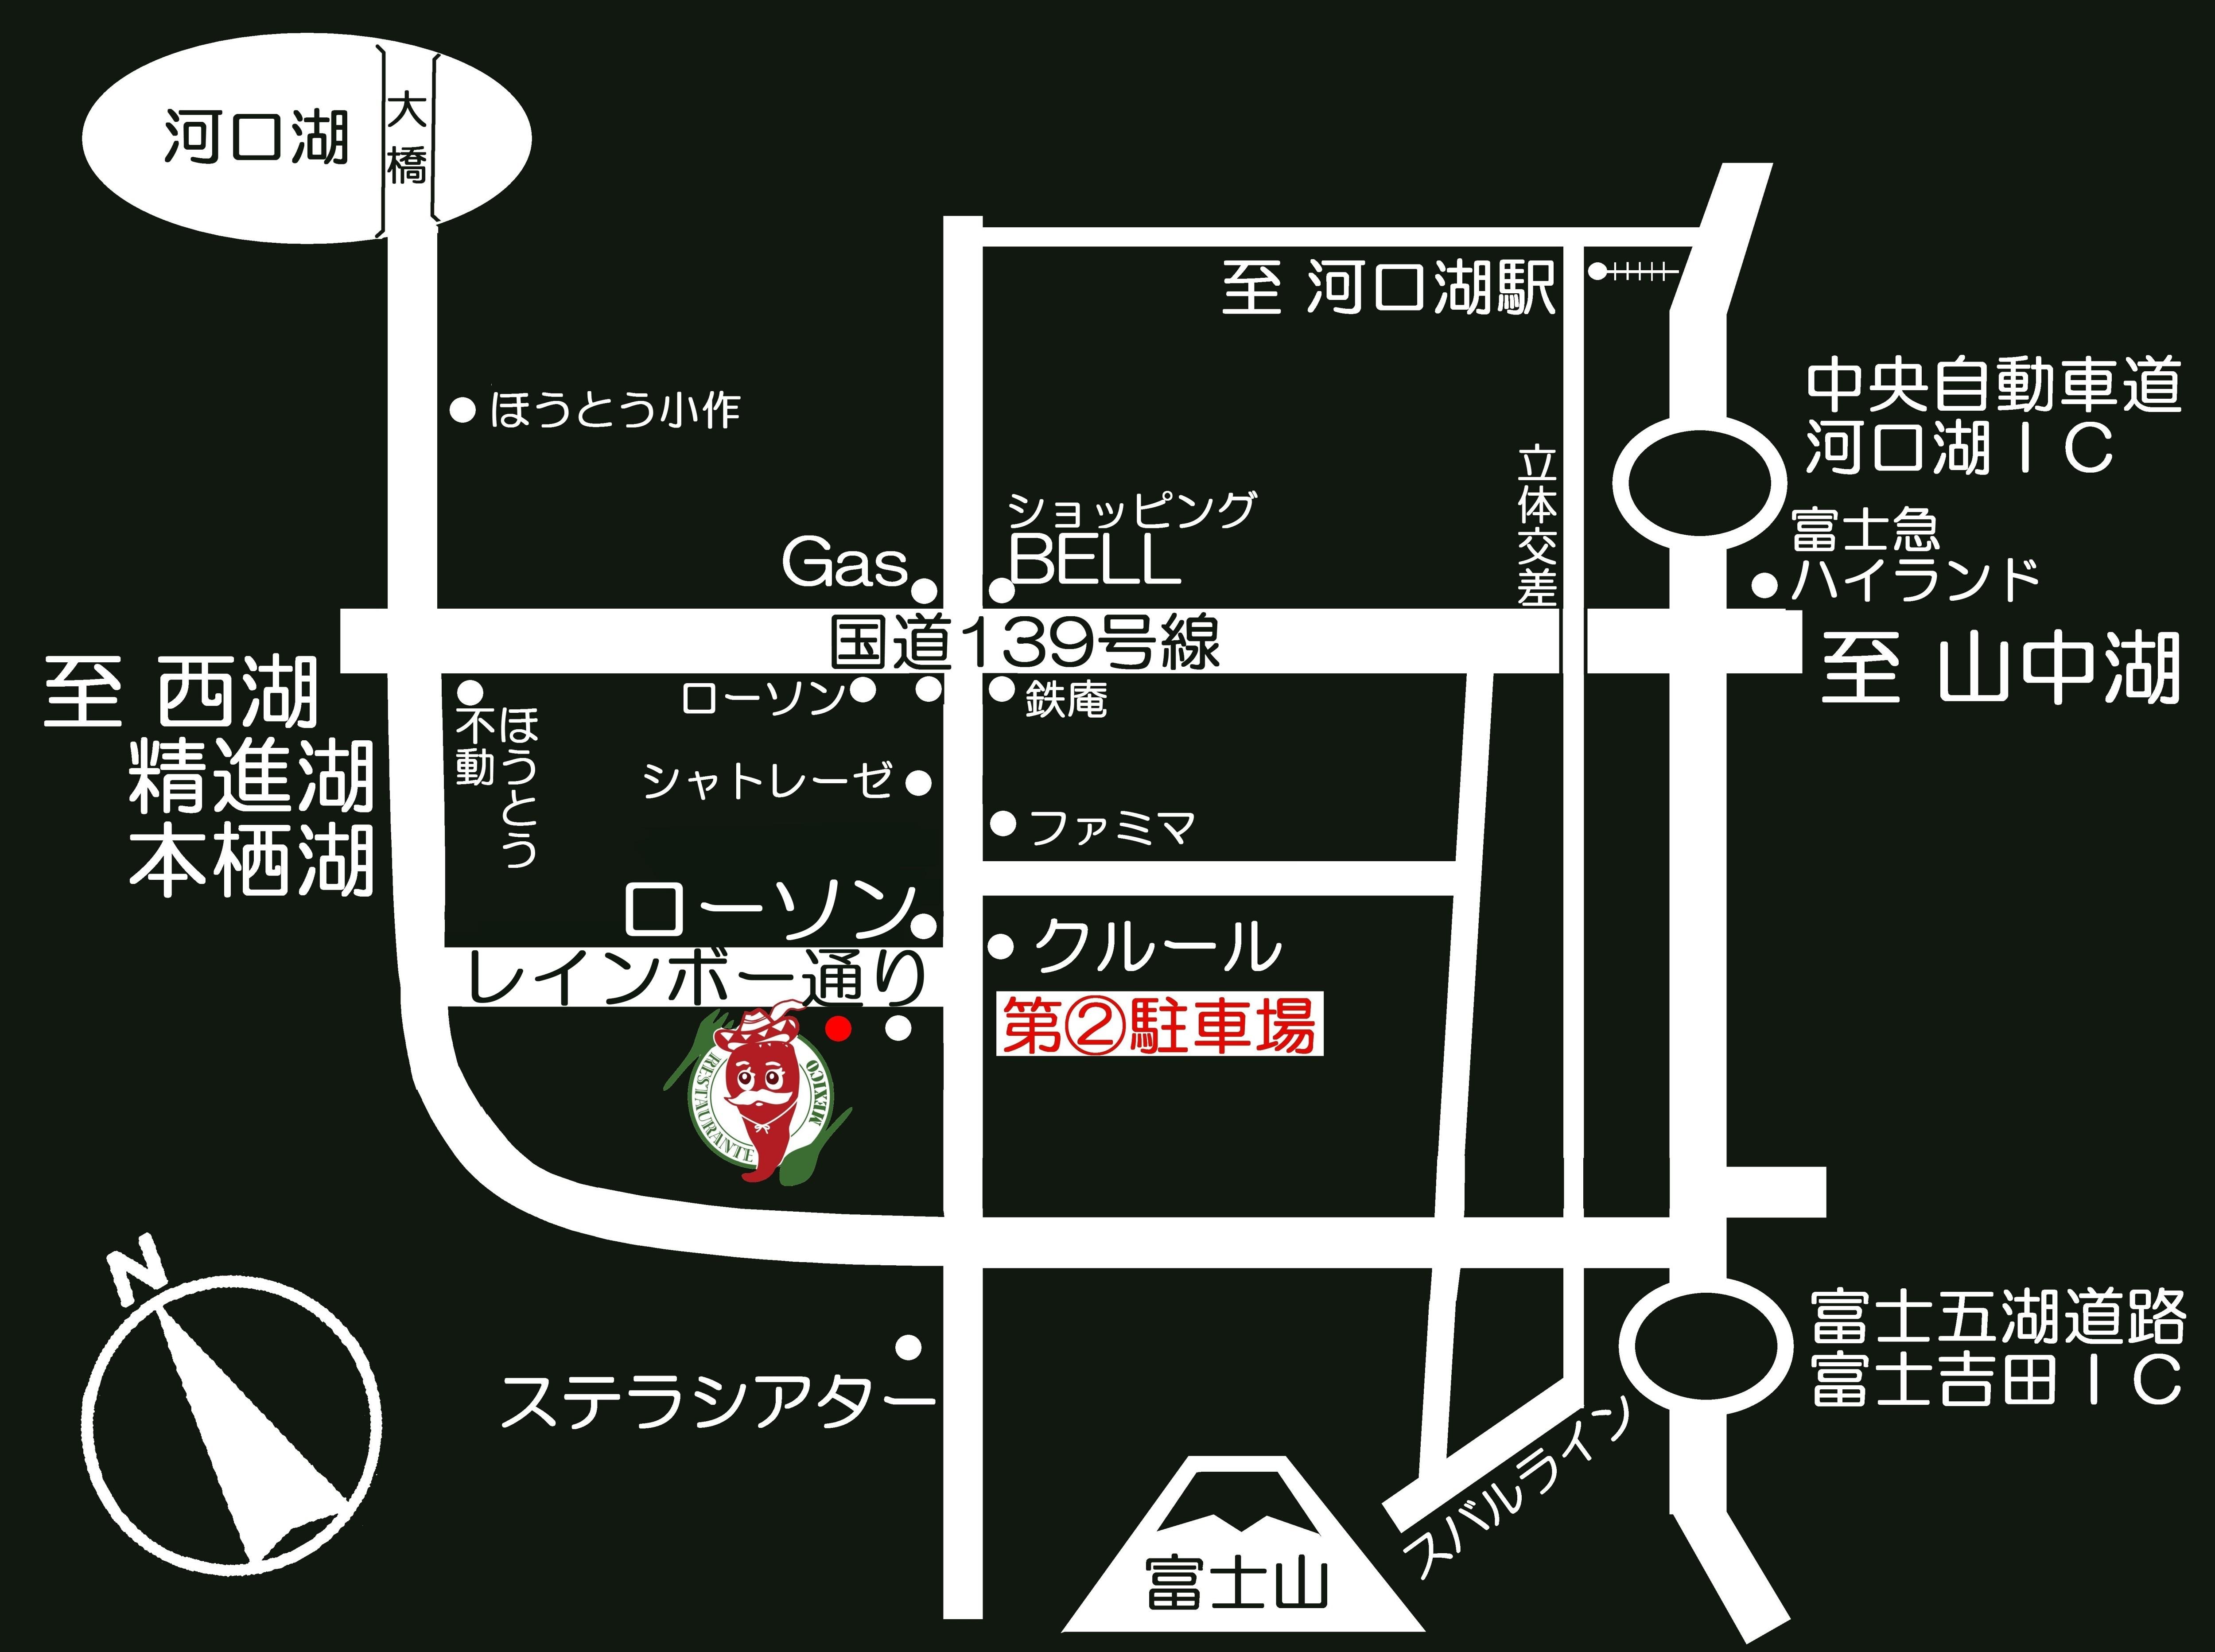 地図newミニ.jpg